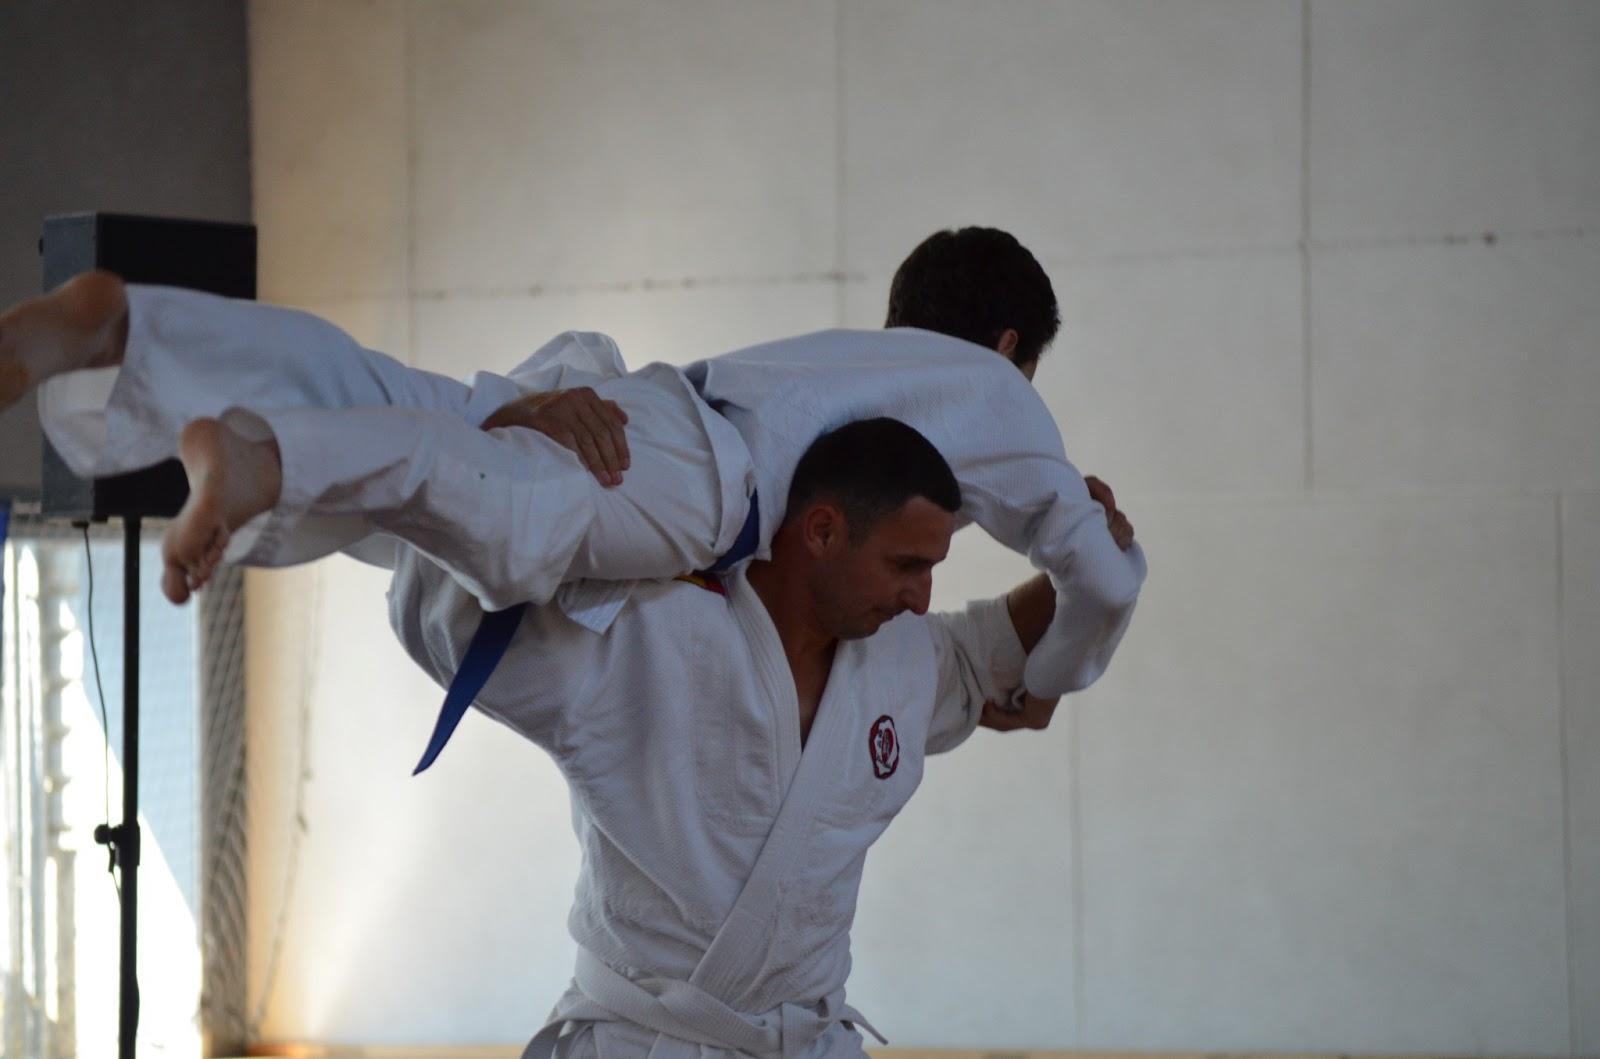 Club deportivo judokan sevilla festival artes marciales - Artes marciales sevilla ...